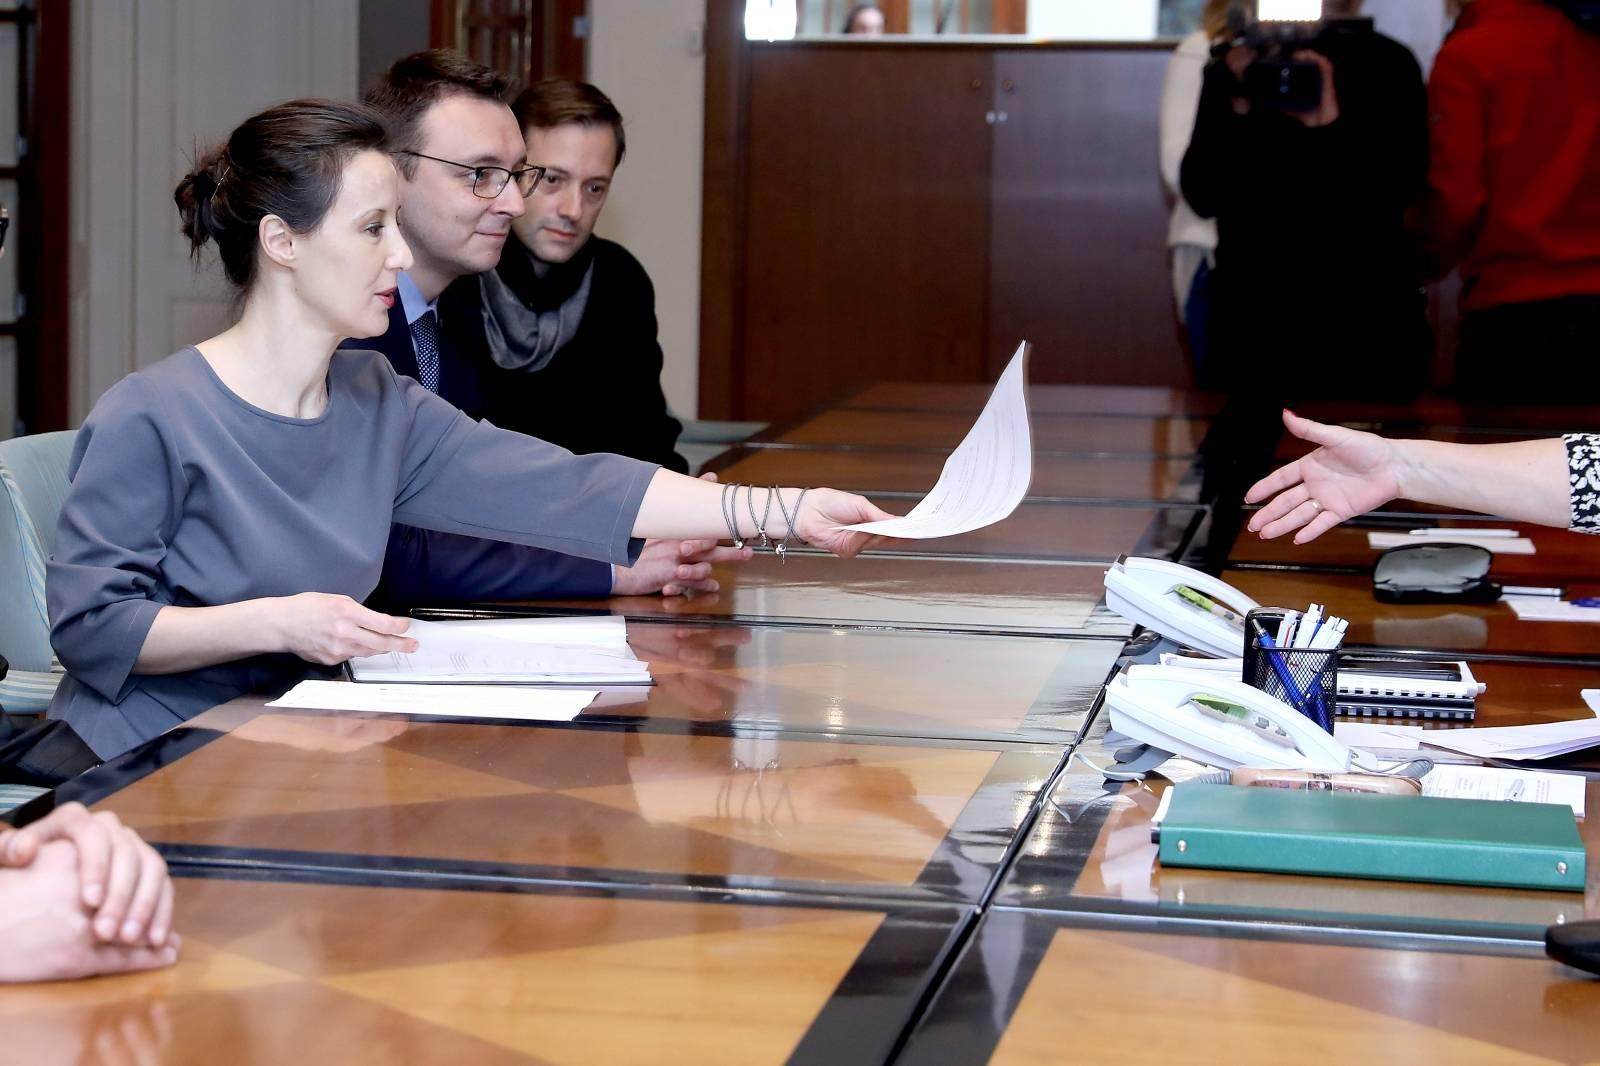 Predstavnici stranke Start s Dalijom Orešković na čelu predali kandidacijske liste za EU parlament